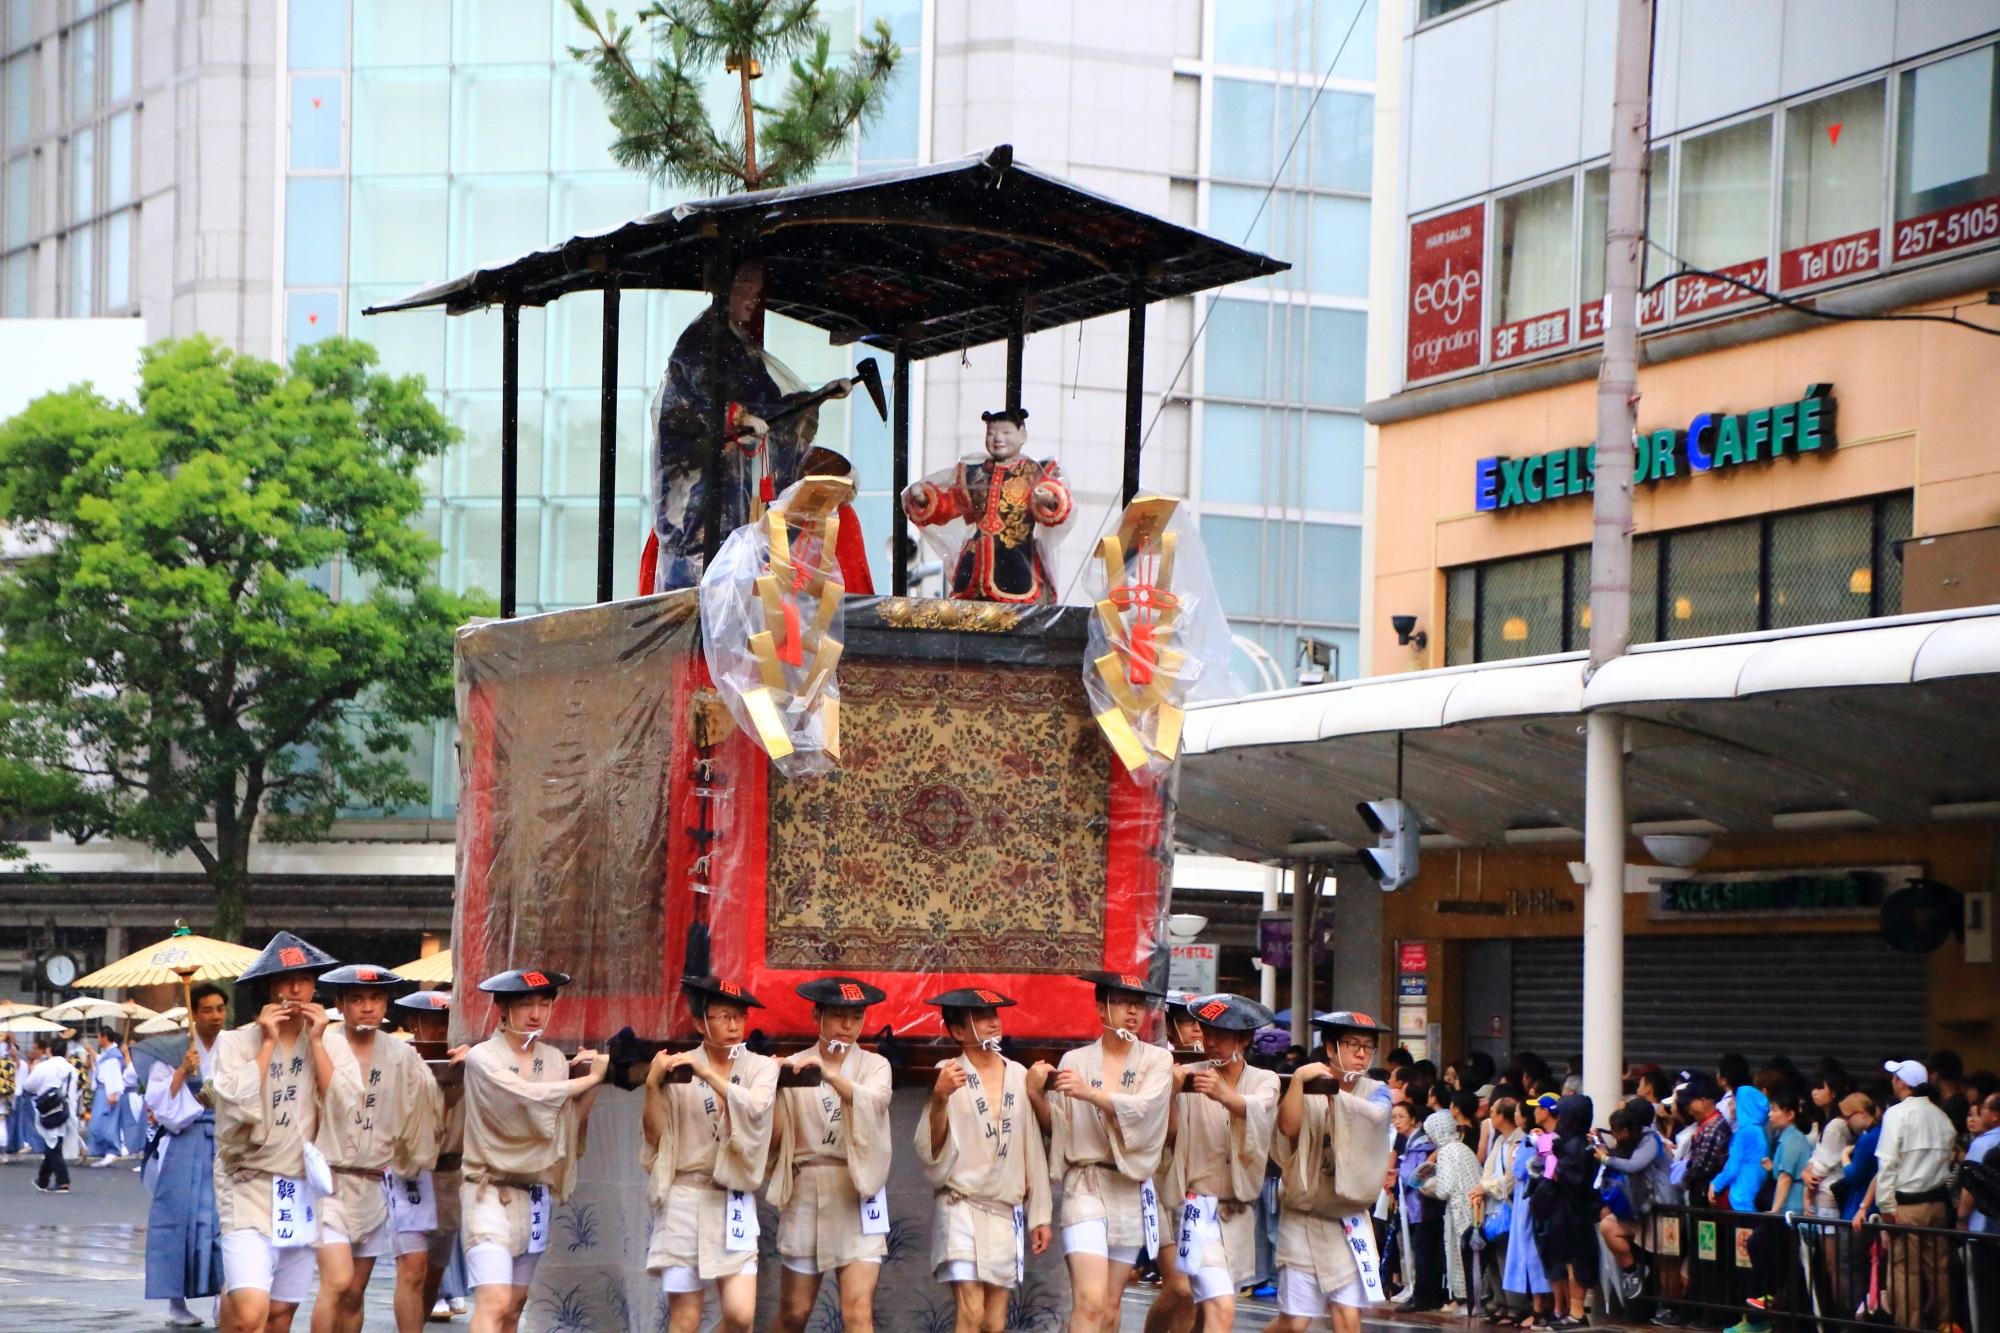 祇園祭の山鉾巡行の郭巨山(かっきょやま)